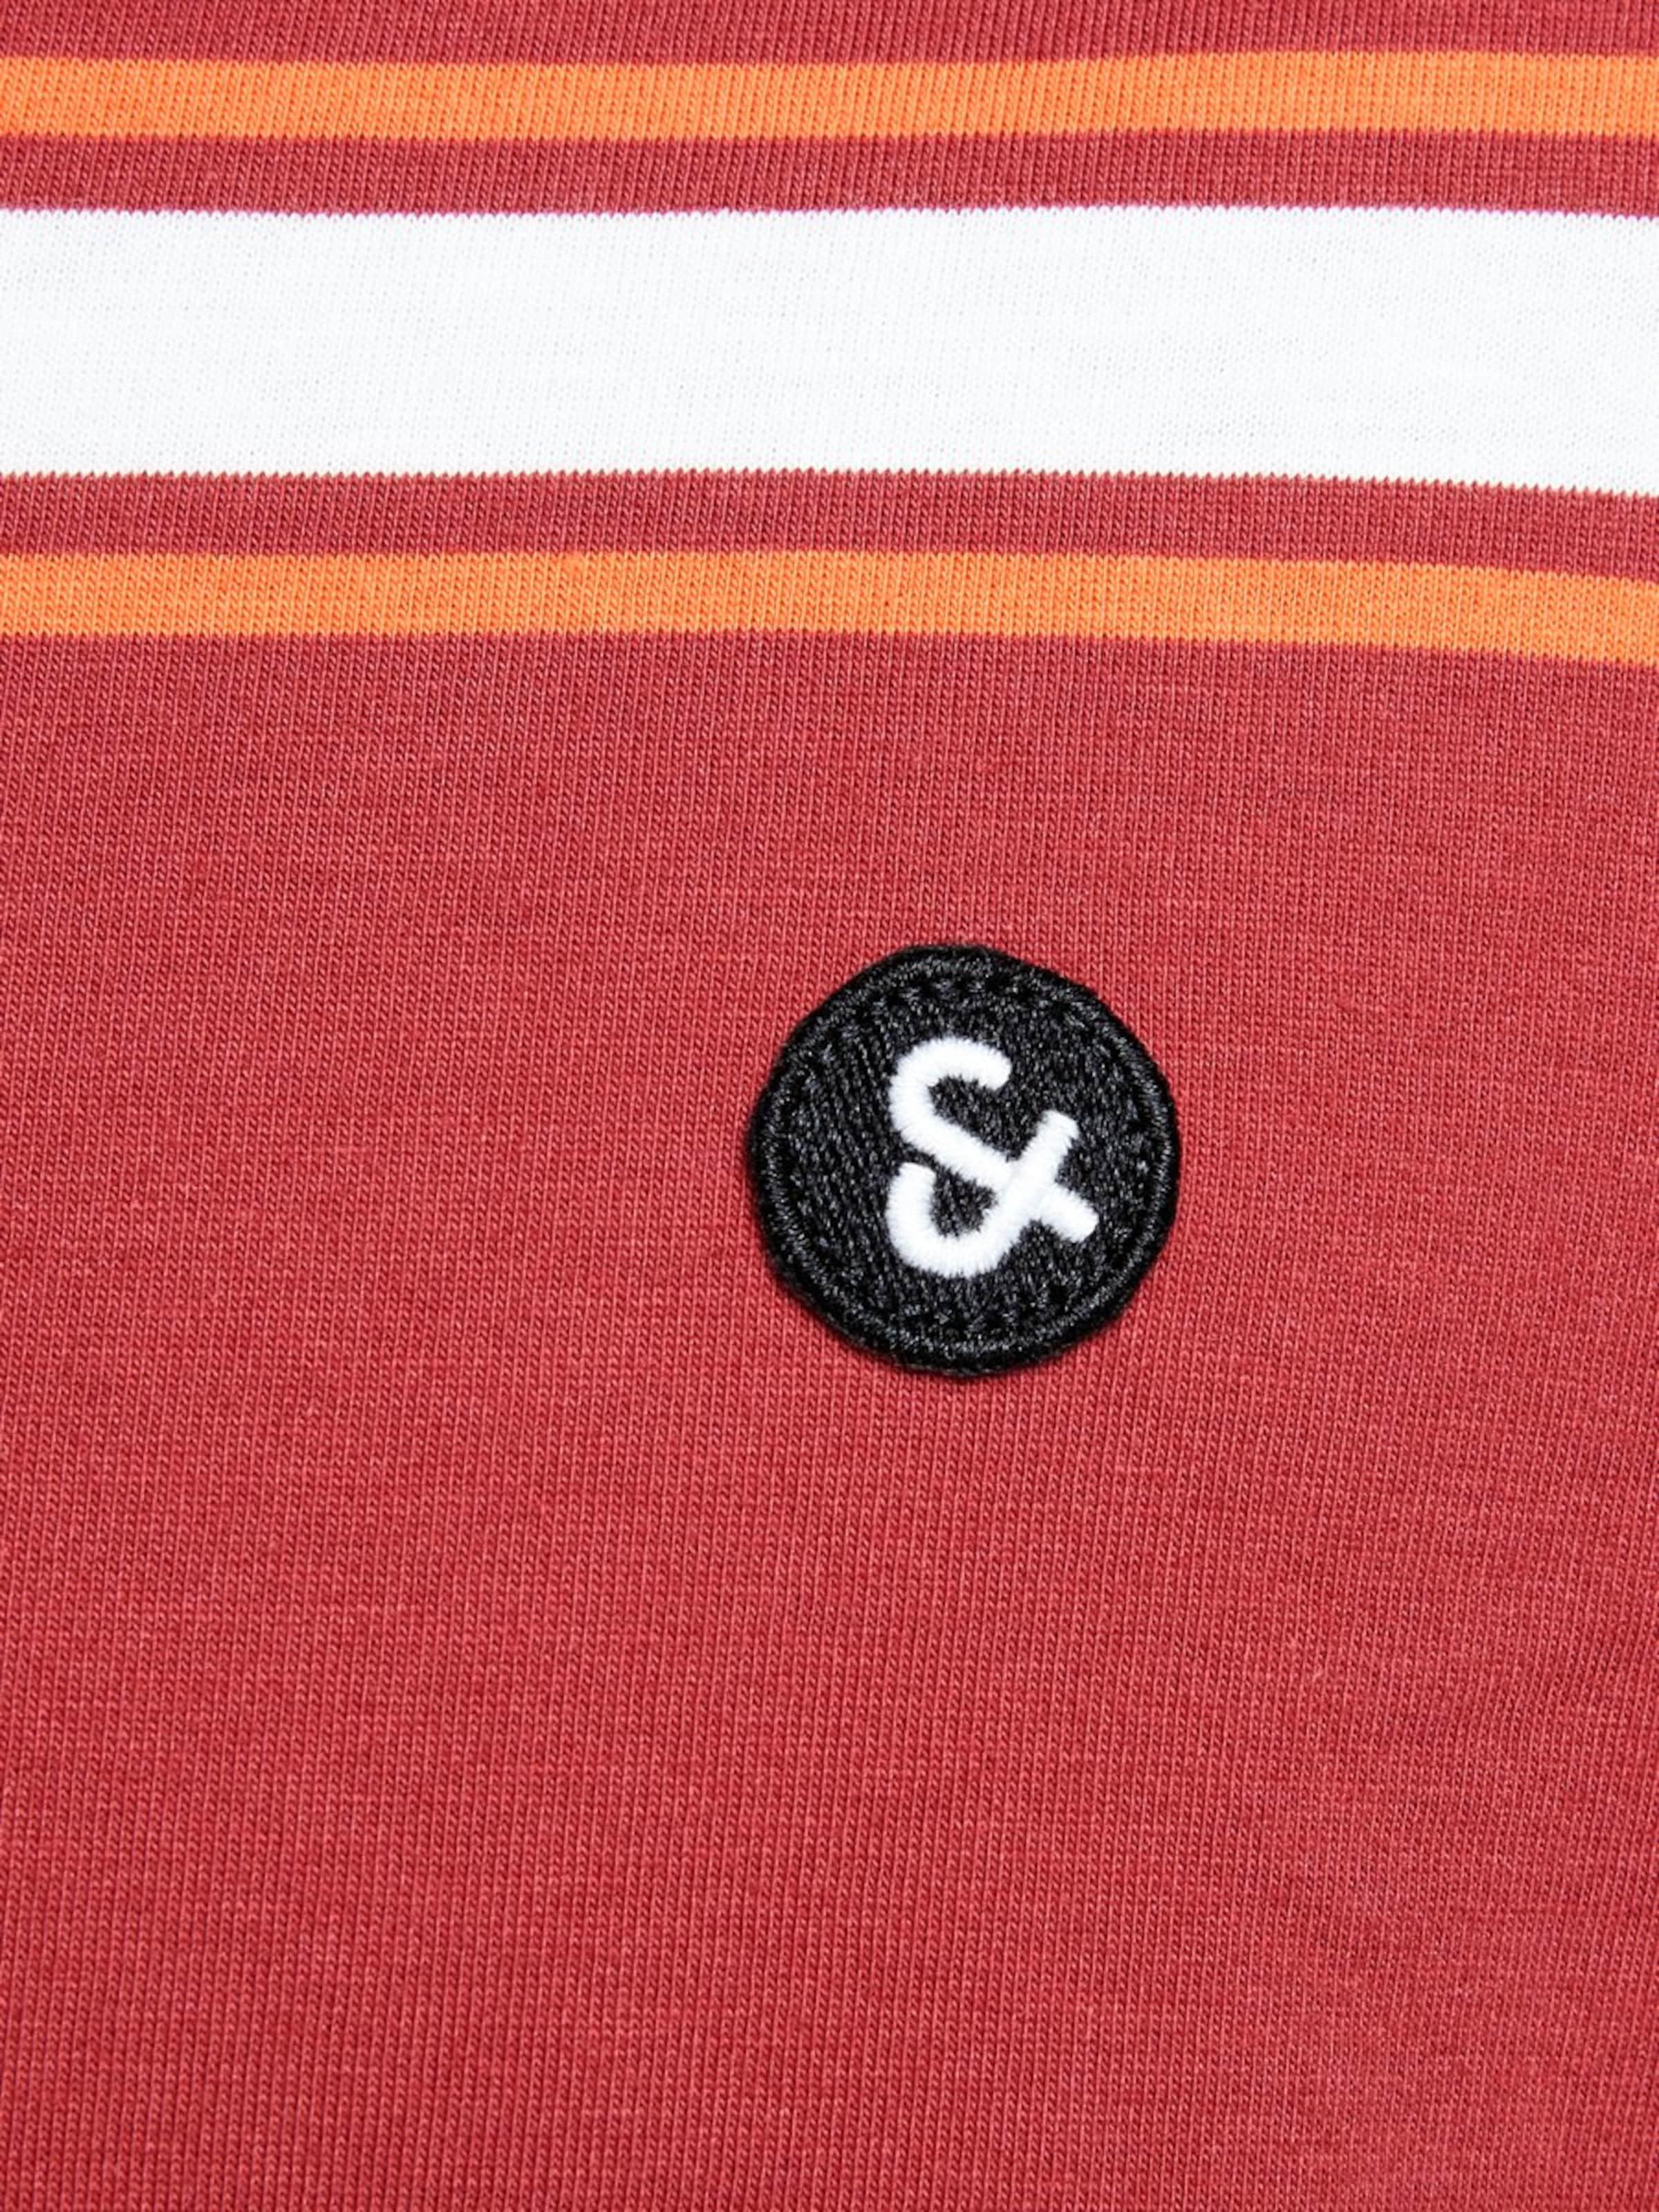 GrisViolet Jackamp; En Sweat Noir shirt Jones OTXkwZiulP